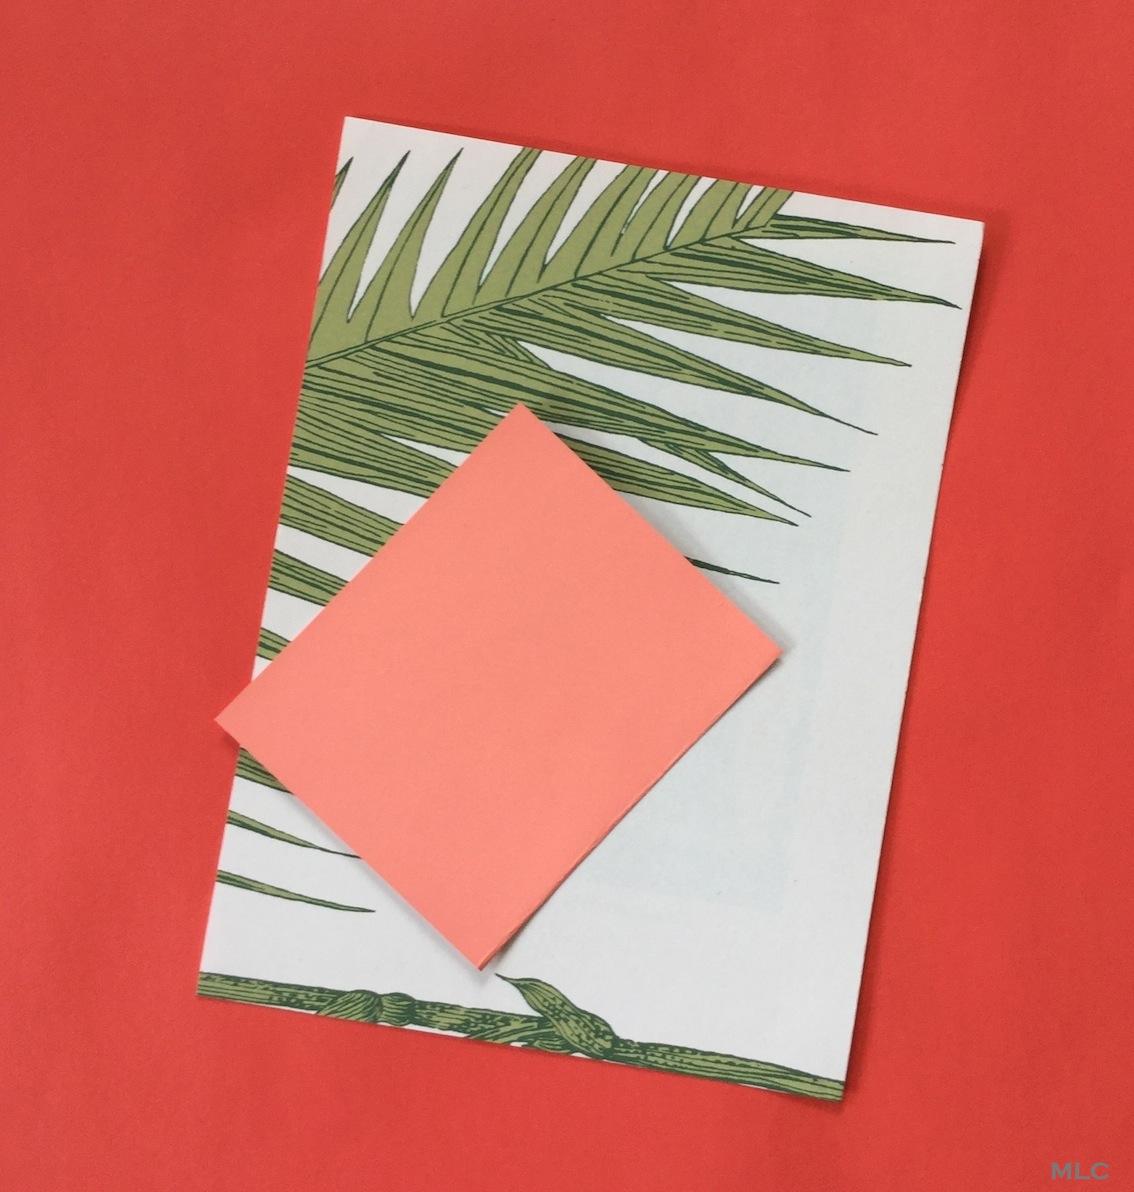 Couleur corail inspiration pour la maison blog d co de mlc - Peinture couleur peche ...